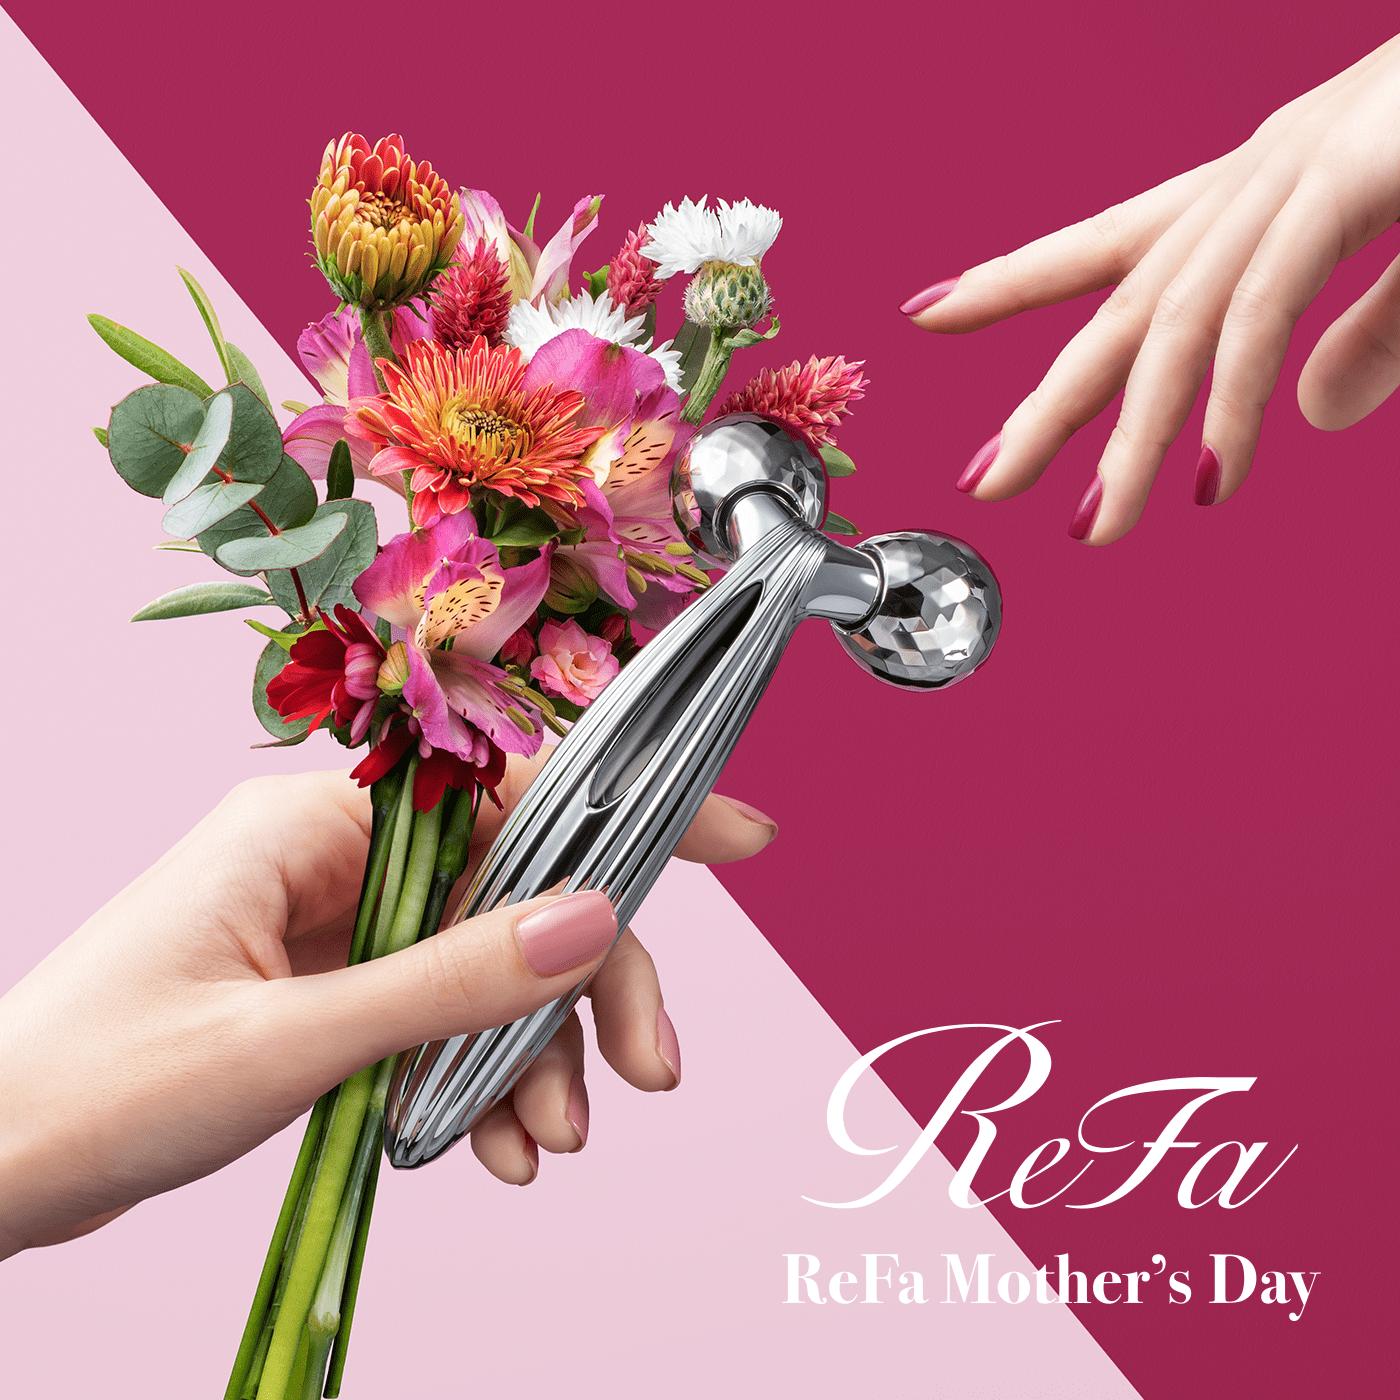 ReFaで今年は「私と母の日」ReFa Mother's Day キャンペーンを実施。~20・30・40周年の節目を迎える母娘へ贈る特別企画~